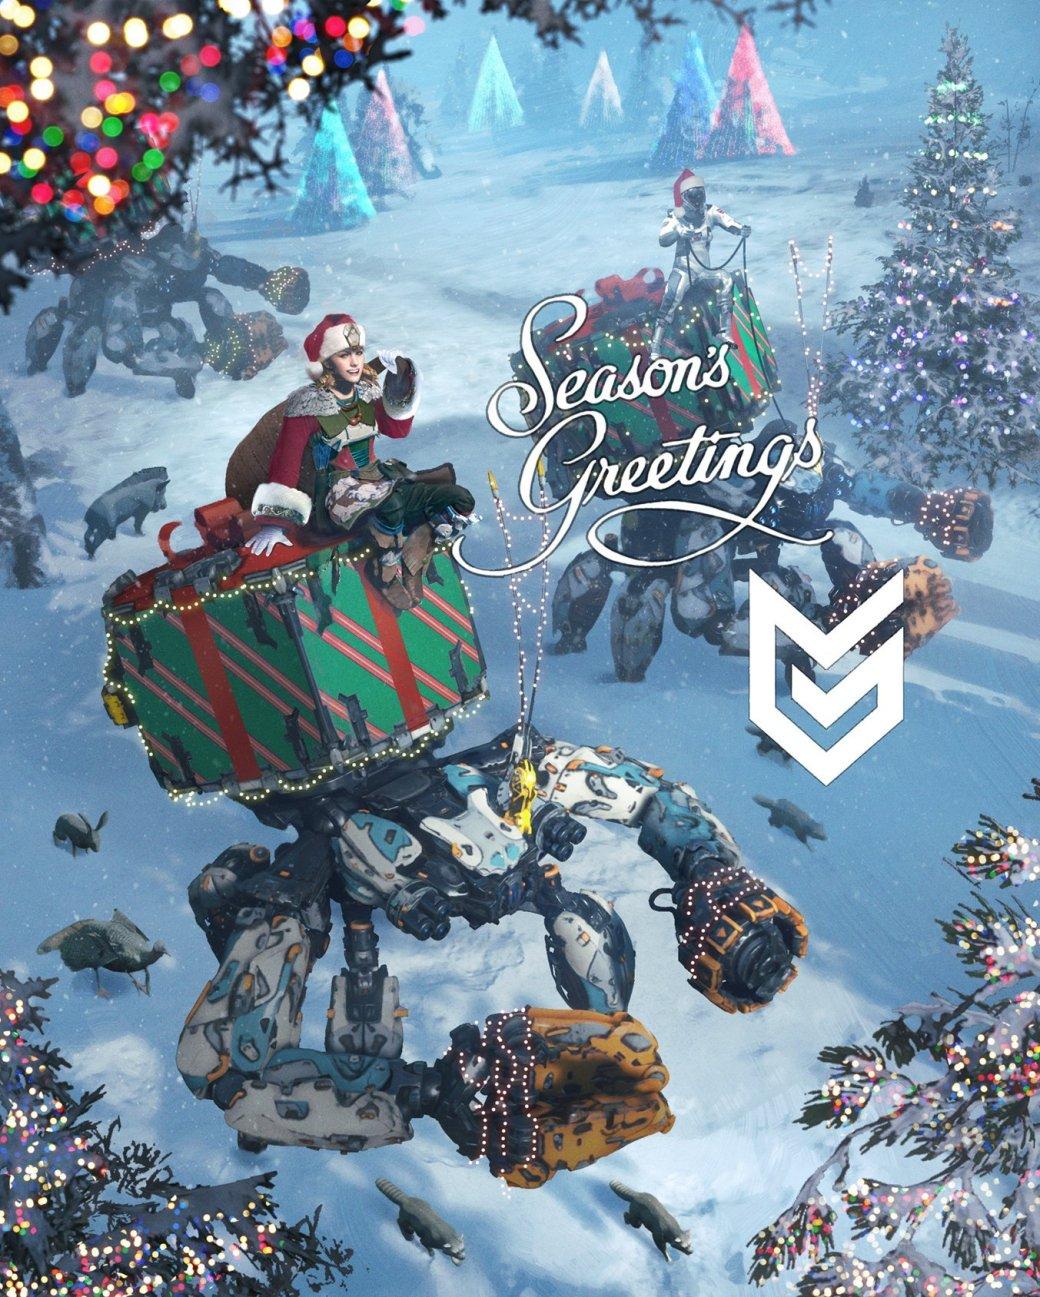 С праздниками! Разработчики поздравляют с Новым годом и Рождеством. - Изображение 3